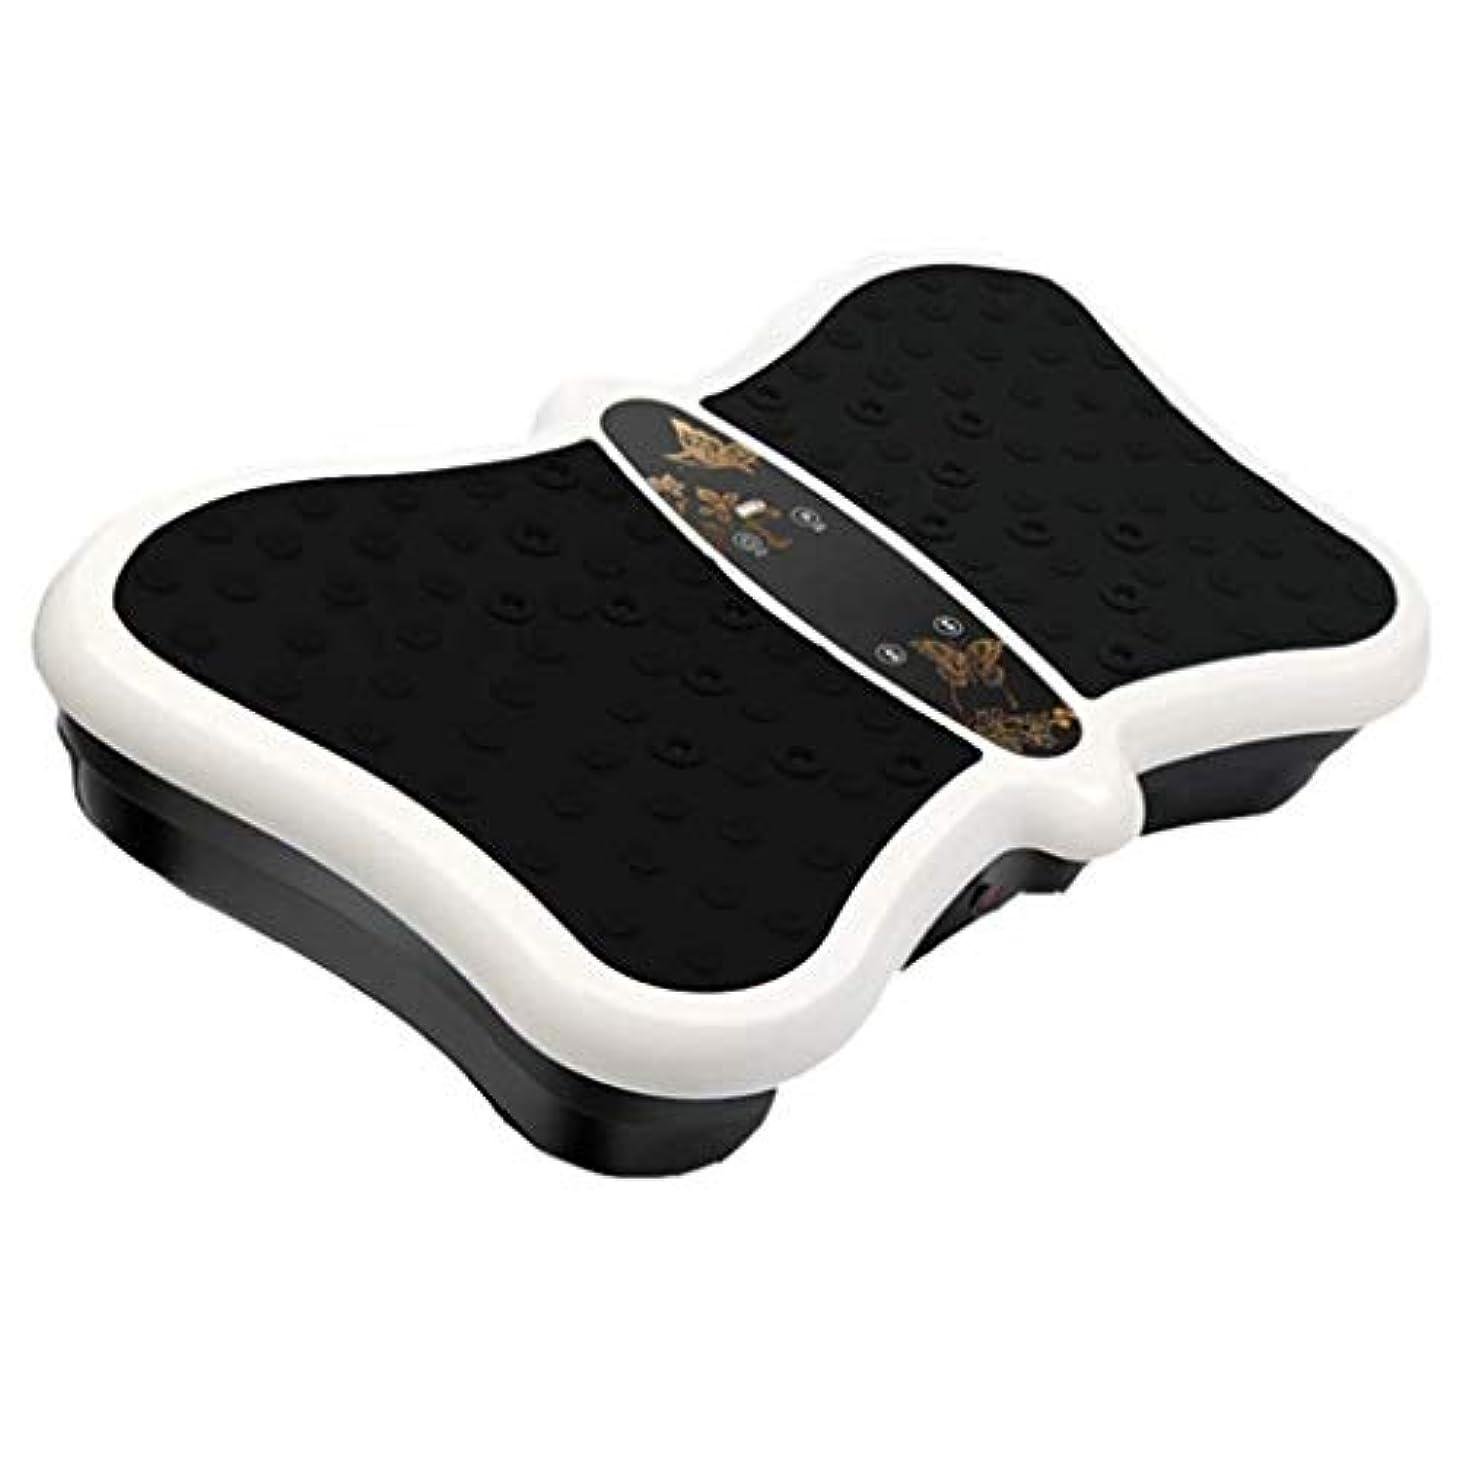 避難するコール比類のない減量マシン、ジム/ホームフィットネスフルボディ振動トレーナー、99スピード、ジムホームオフィス振動で余分な脂肪を減らす (Color : 黒)